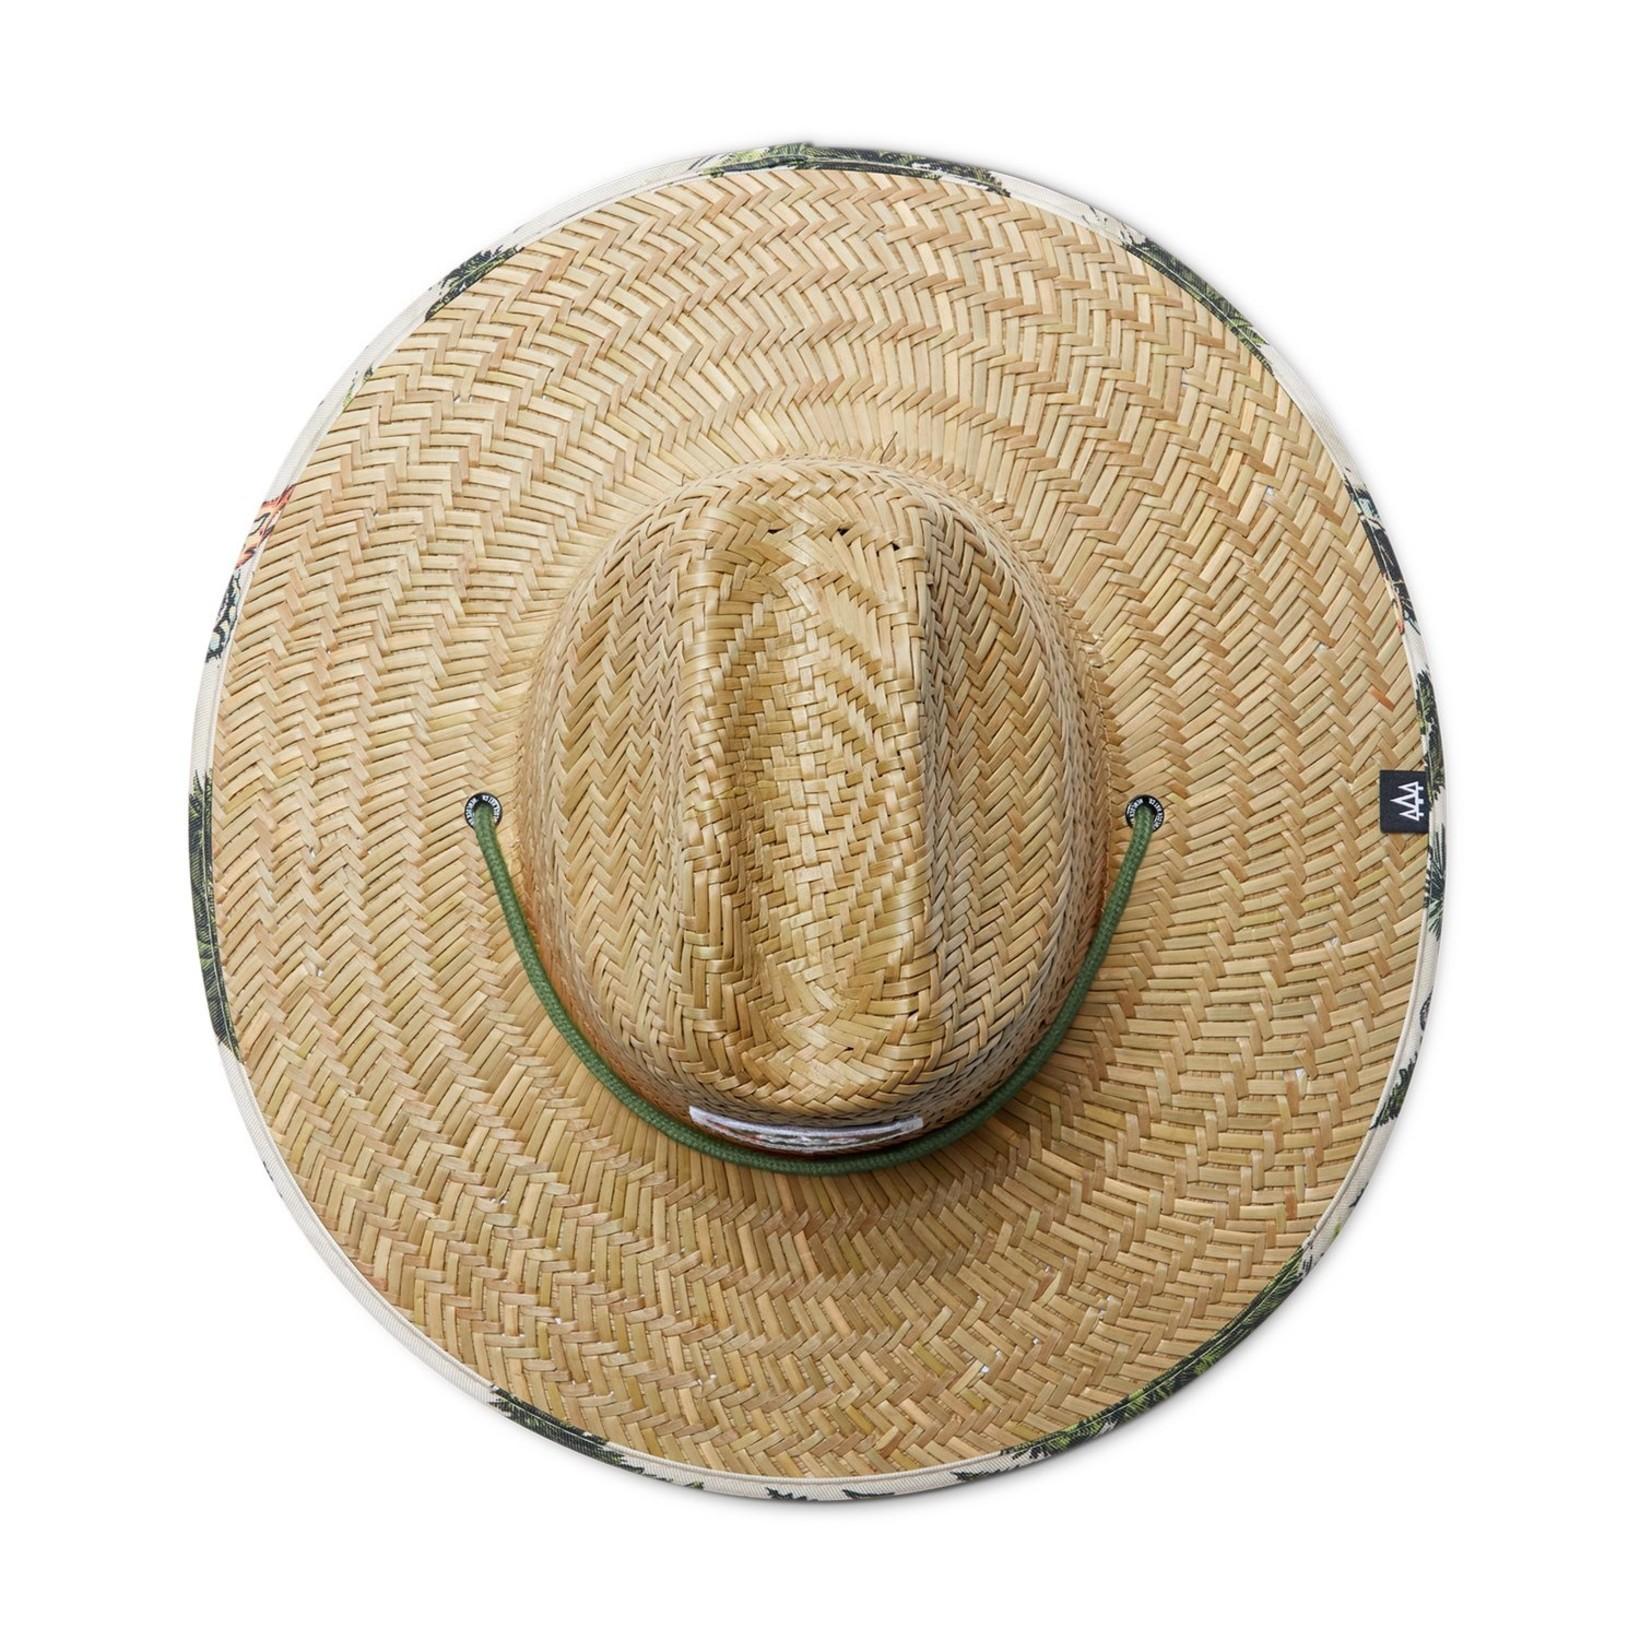 Hemlock Hat Co. Hemlock Hat Co. - Base Camp